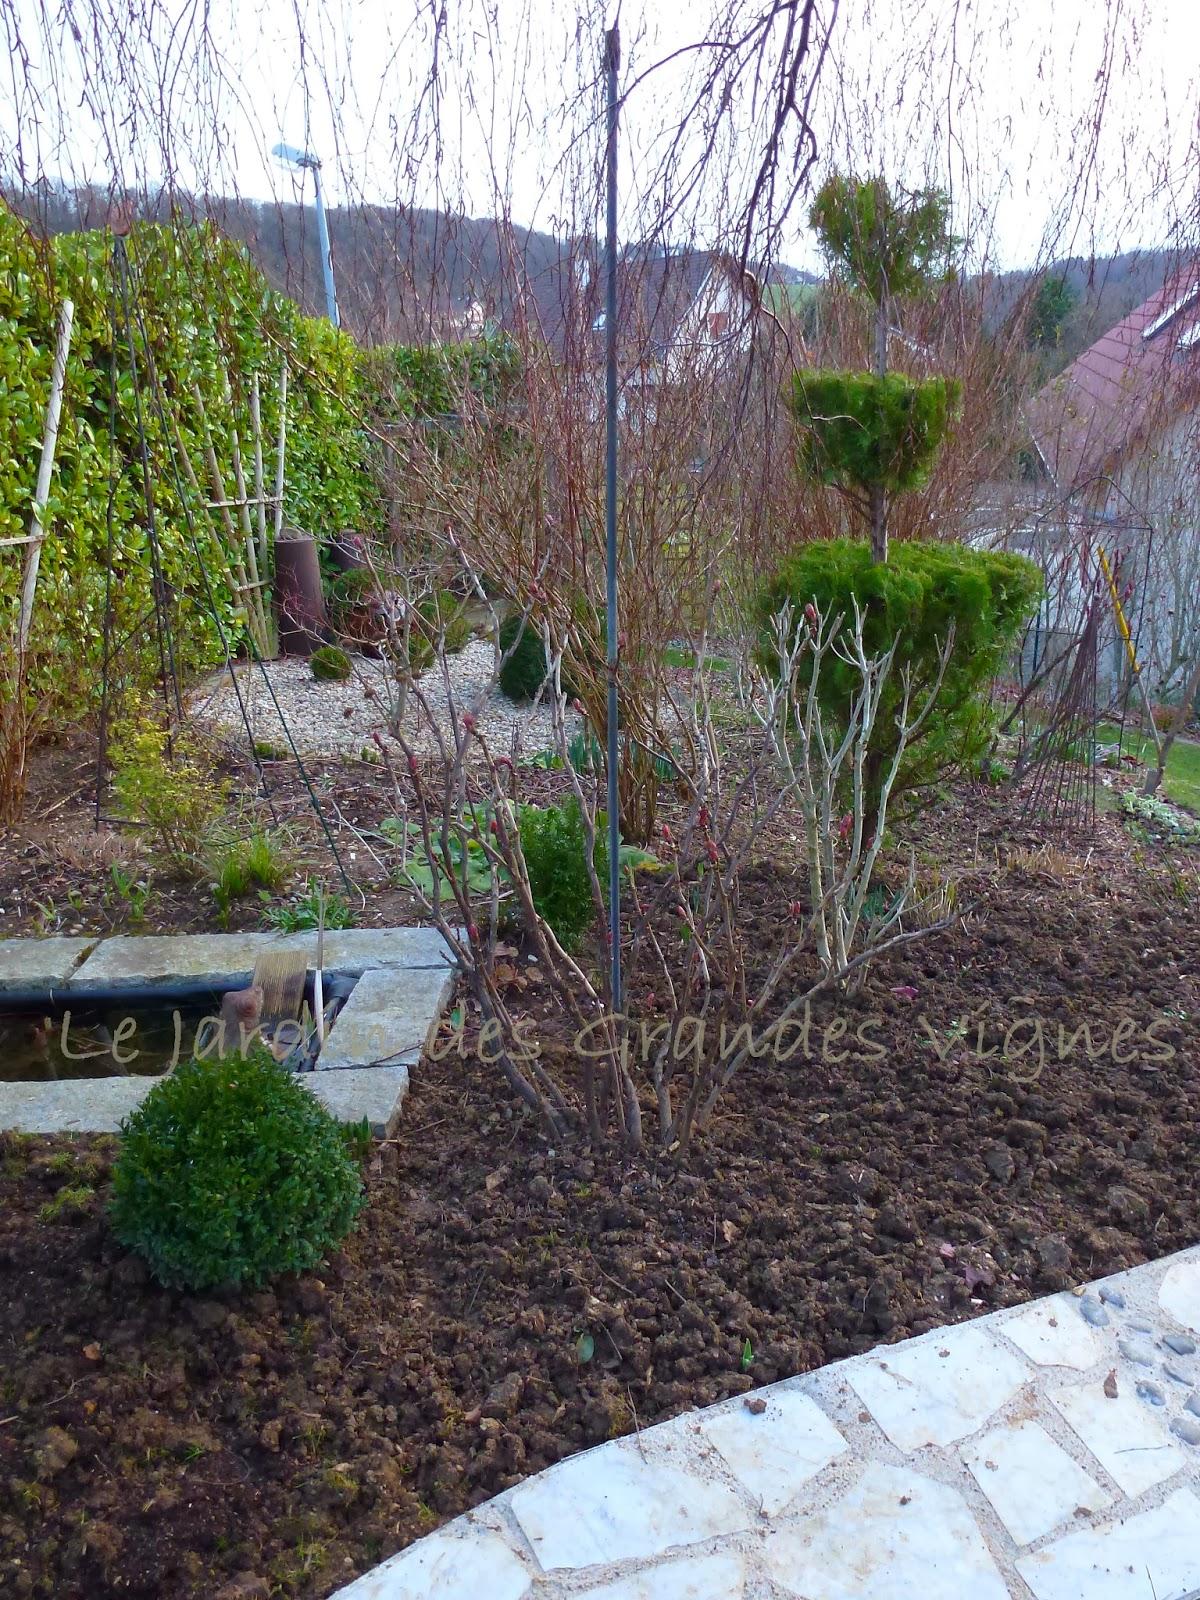 Le jardin des grandes vignes fleurs de saison - Le jardin des grandes vignes ...